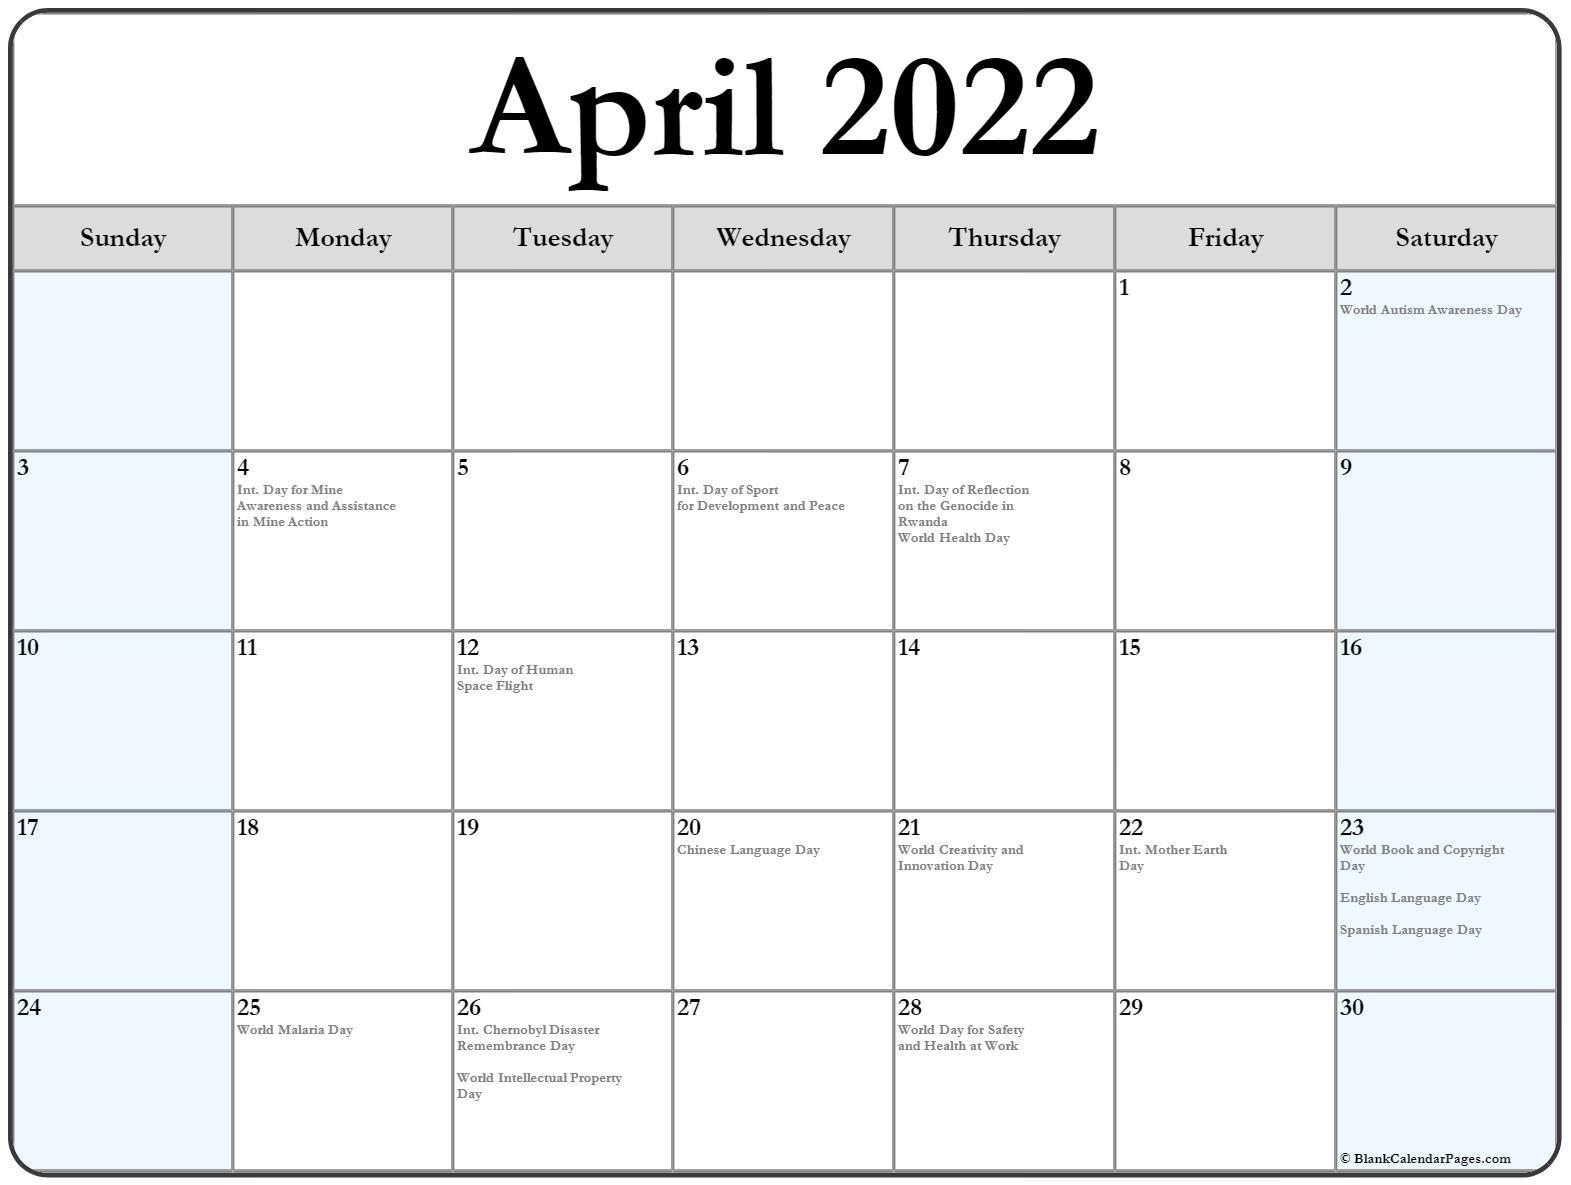 April 2022 Calendar With Holidays regarding Printable April 2022 Calendar Template Free